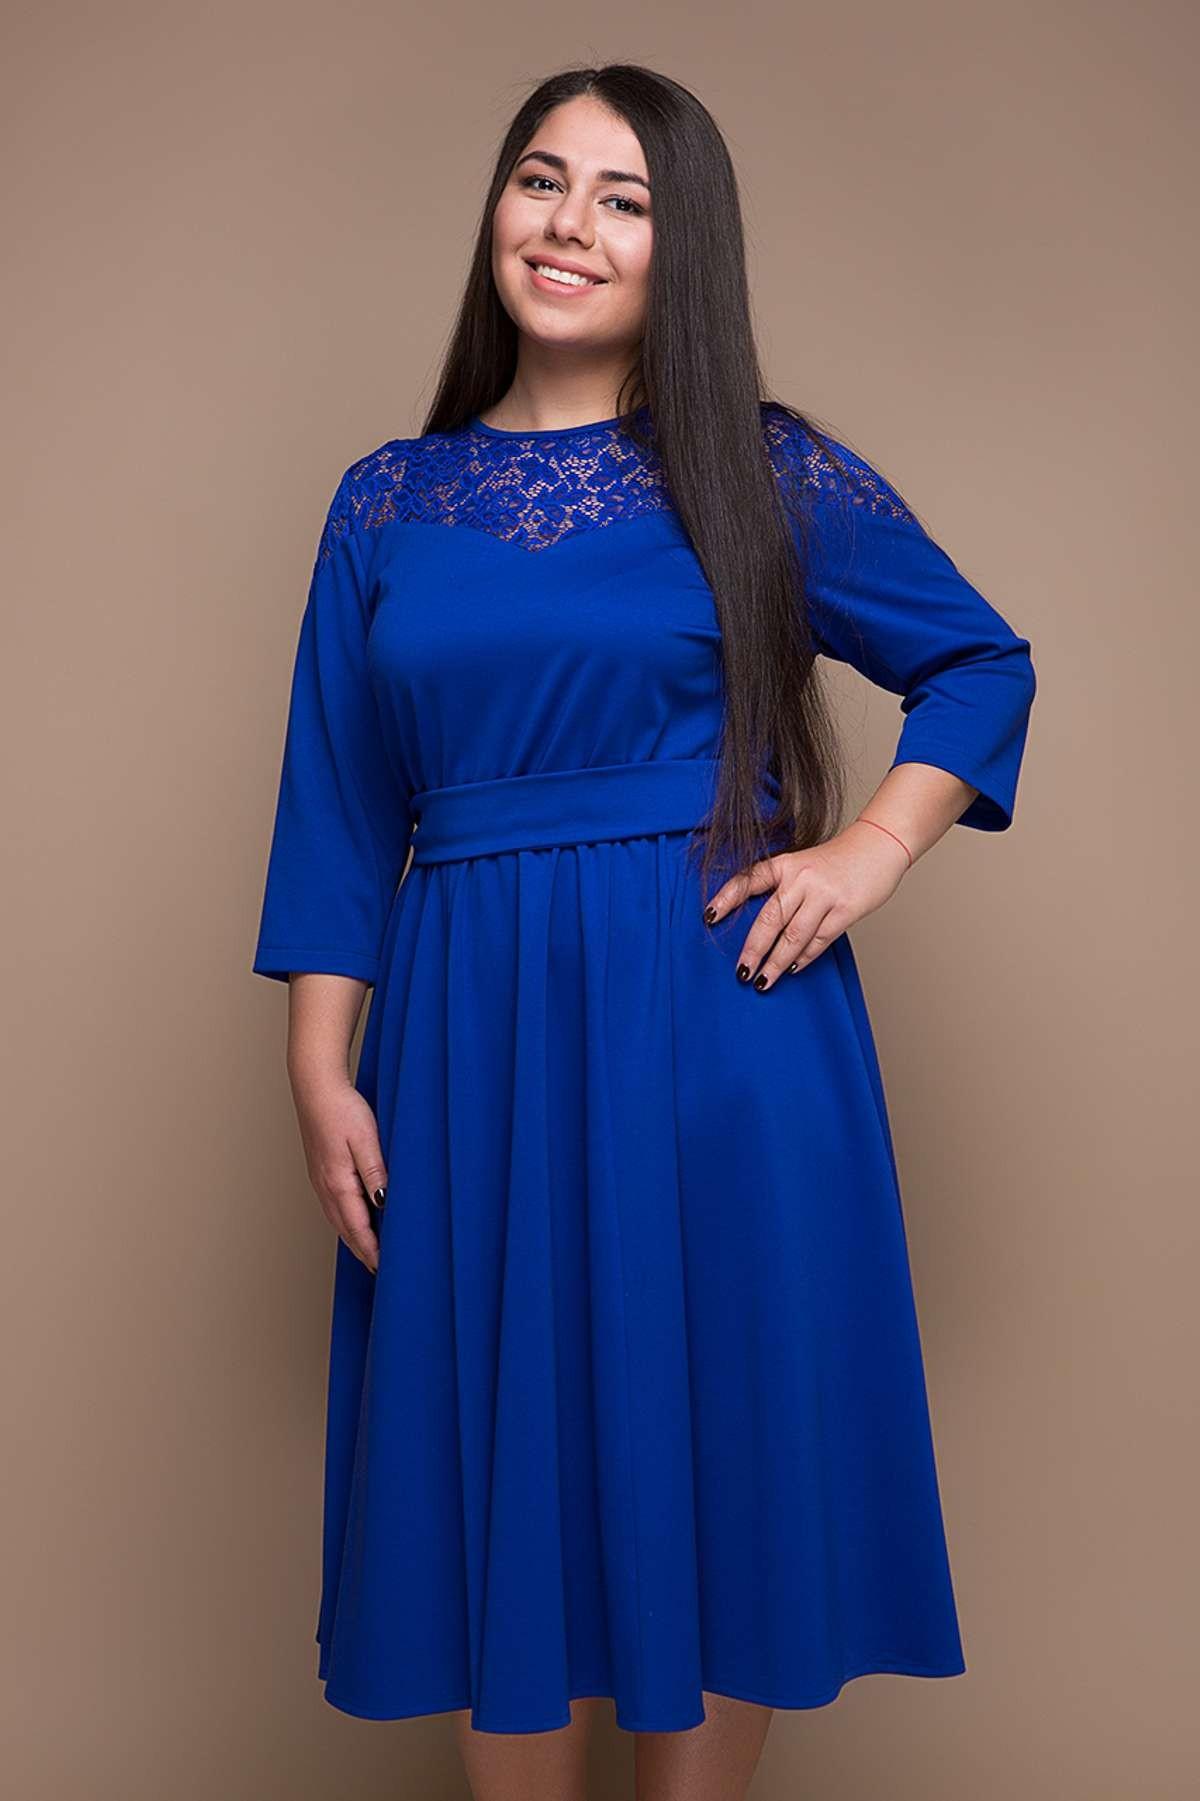 офисное платье синее рукав 3/4 с гипюровой вставкой